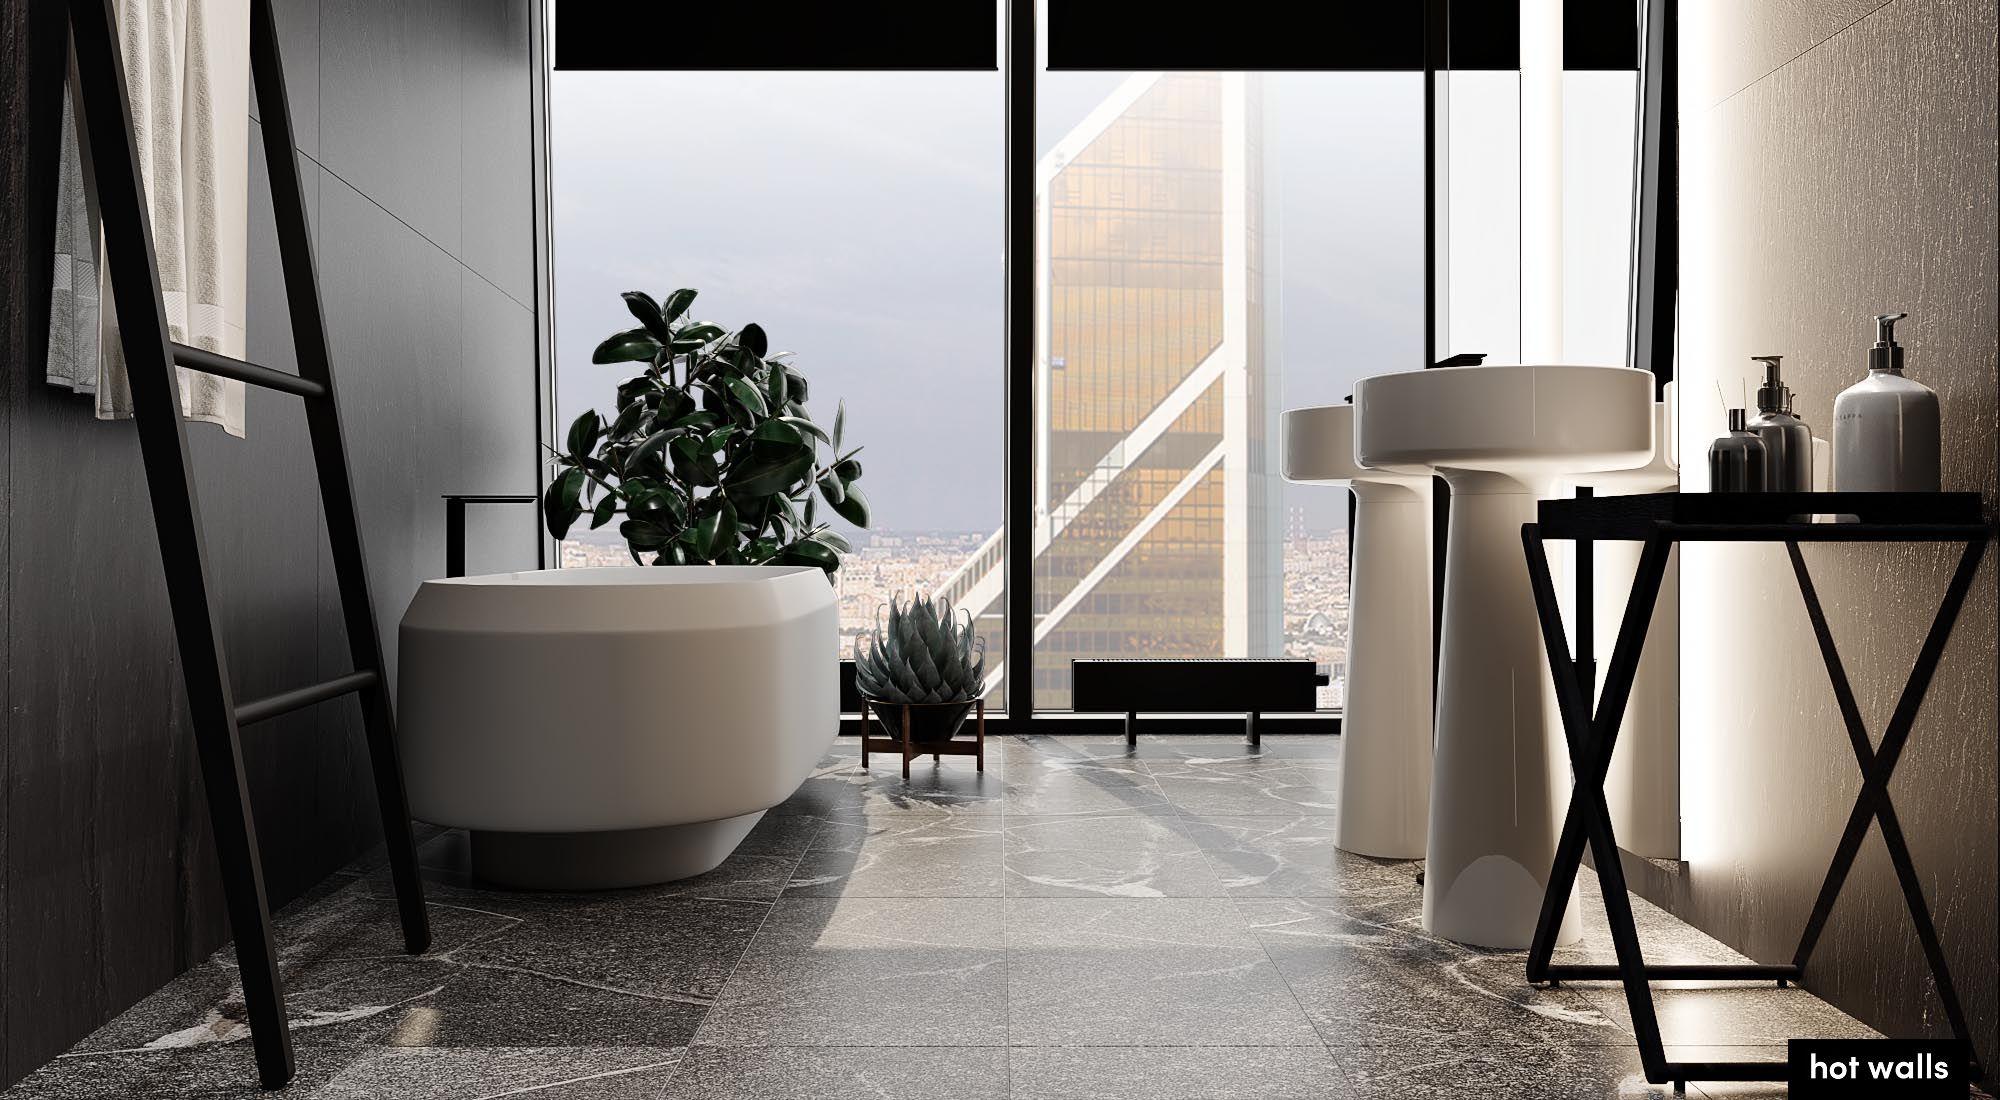 Bathroom_29.01.18_4